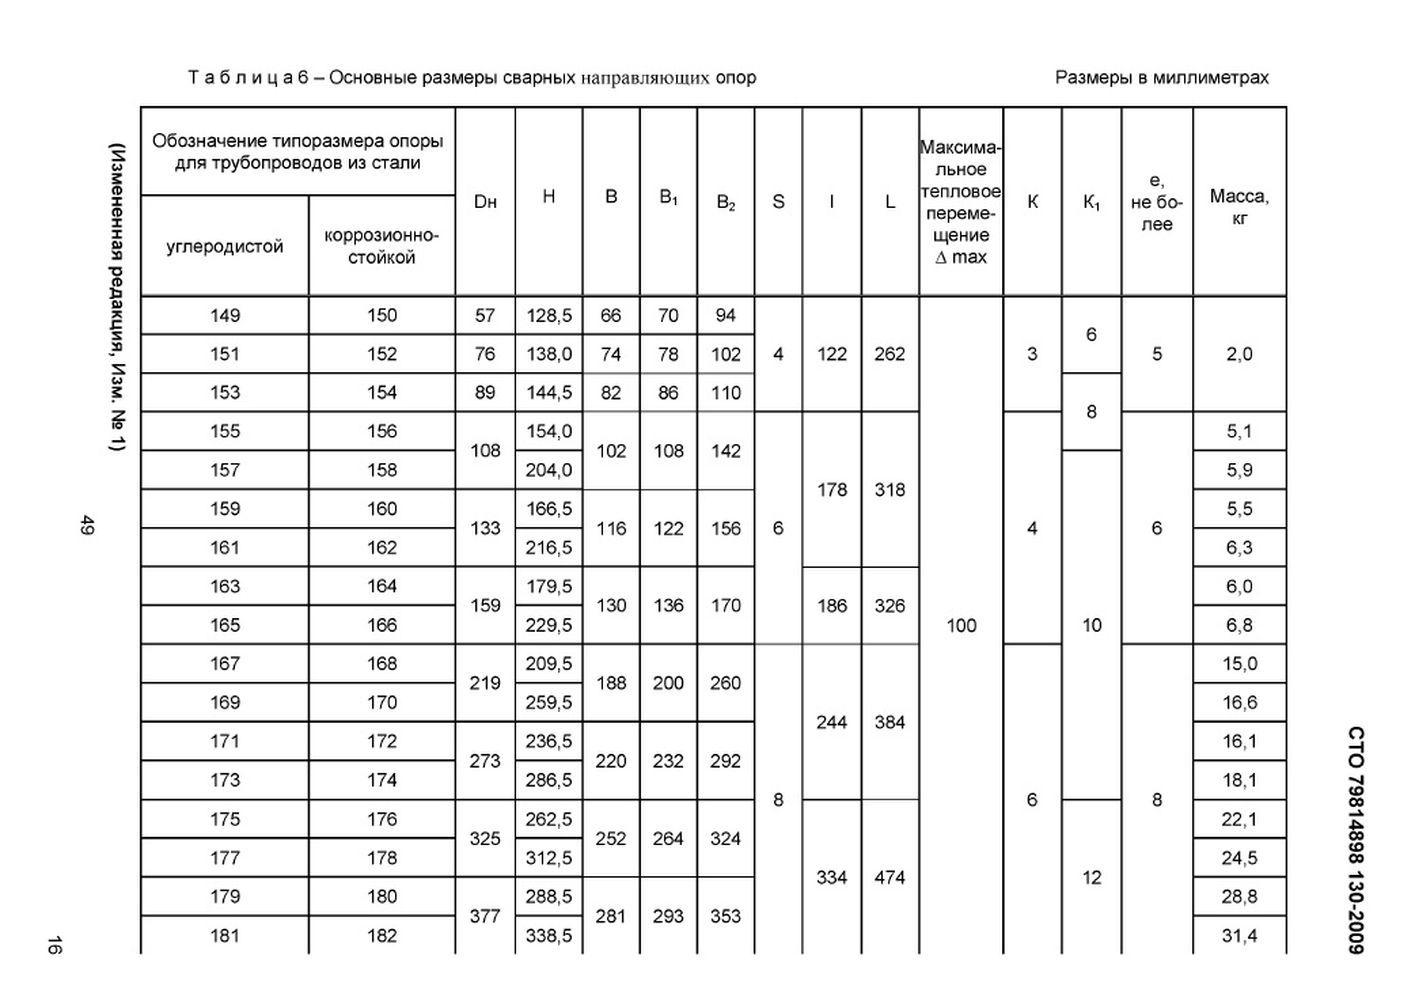 СТО 79814898 130-2009 Опоры сварные скользящие, неподвижные и направляющие стр.19